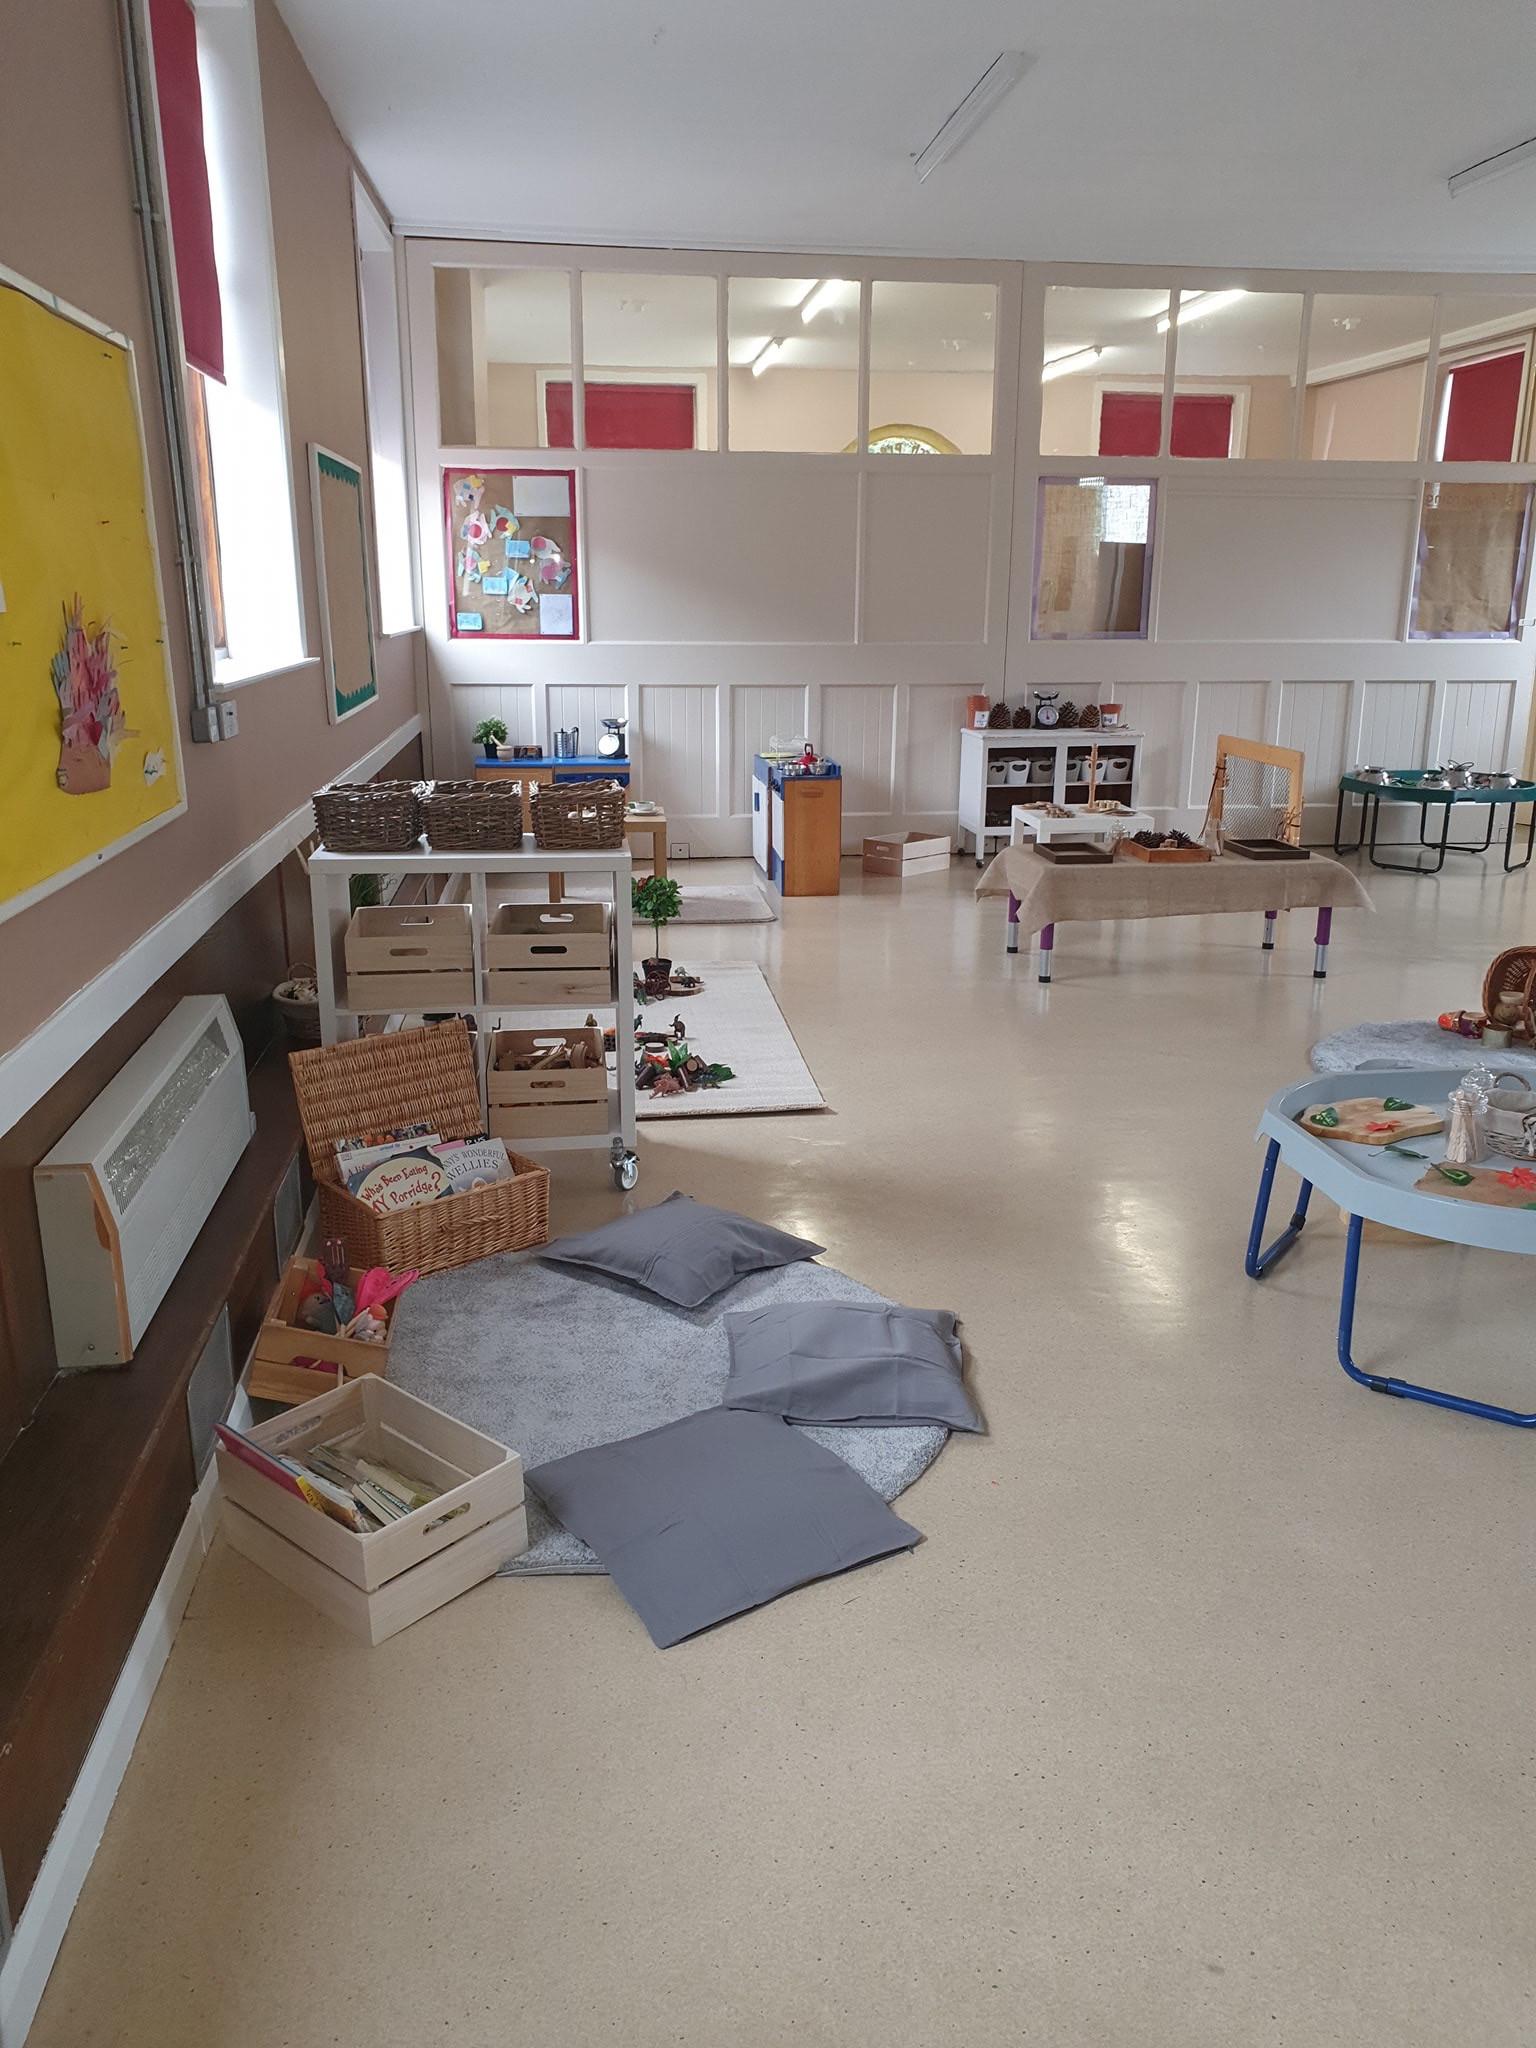 View the Pre-School